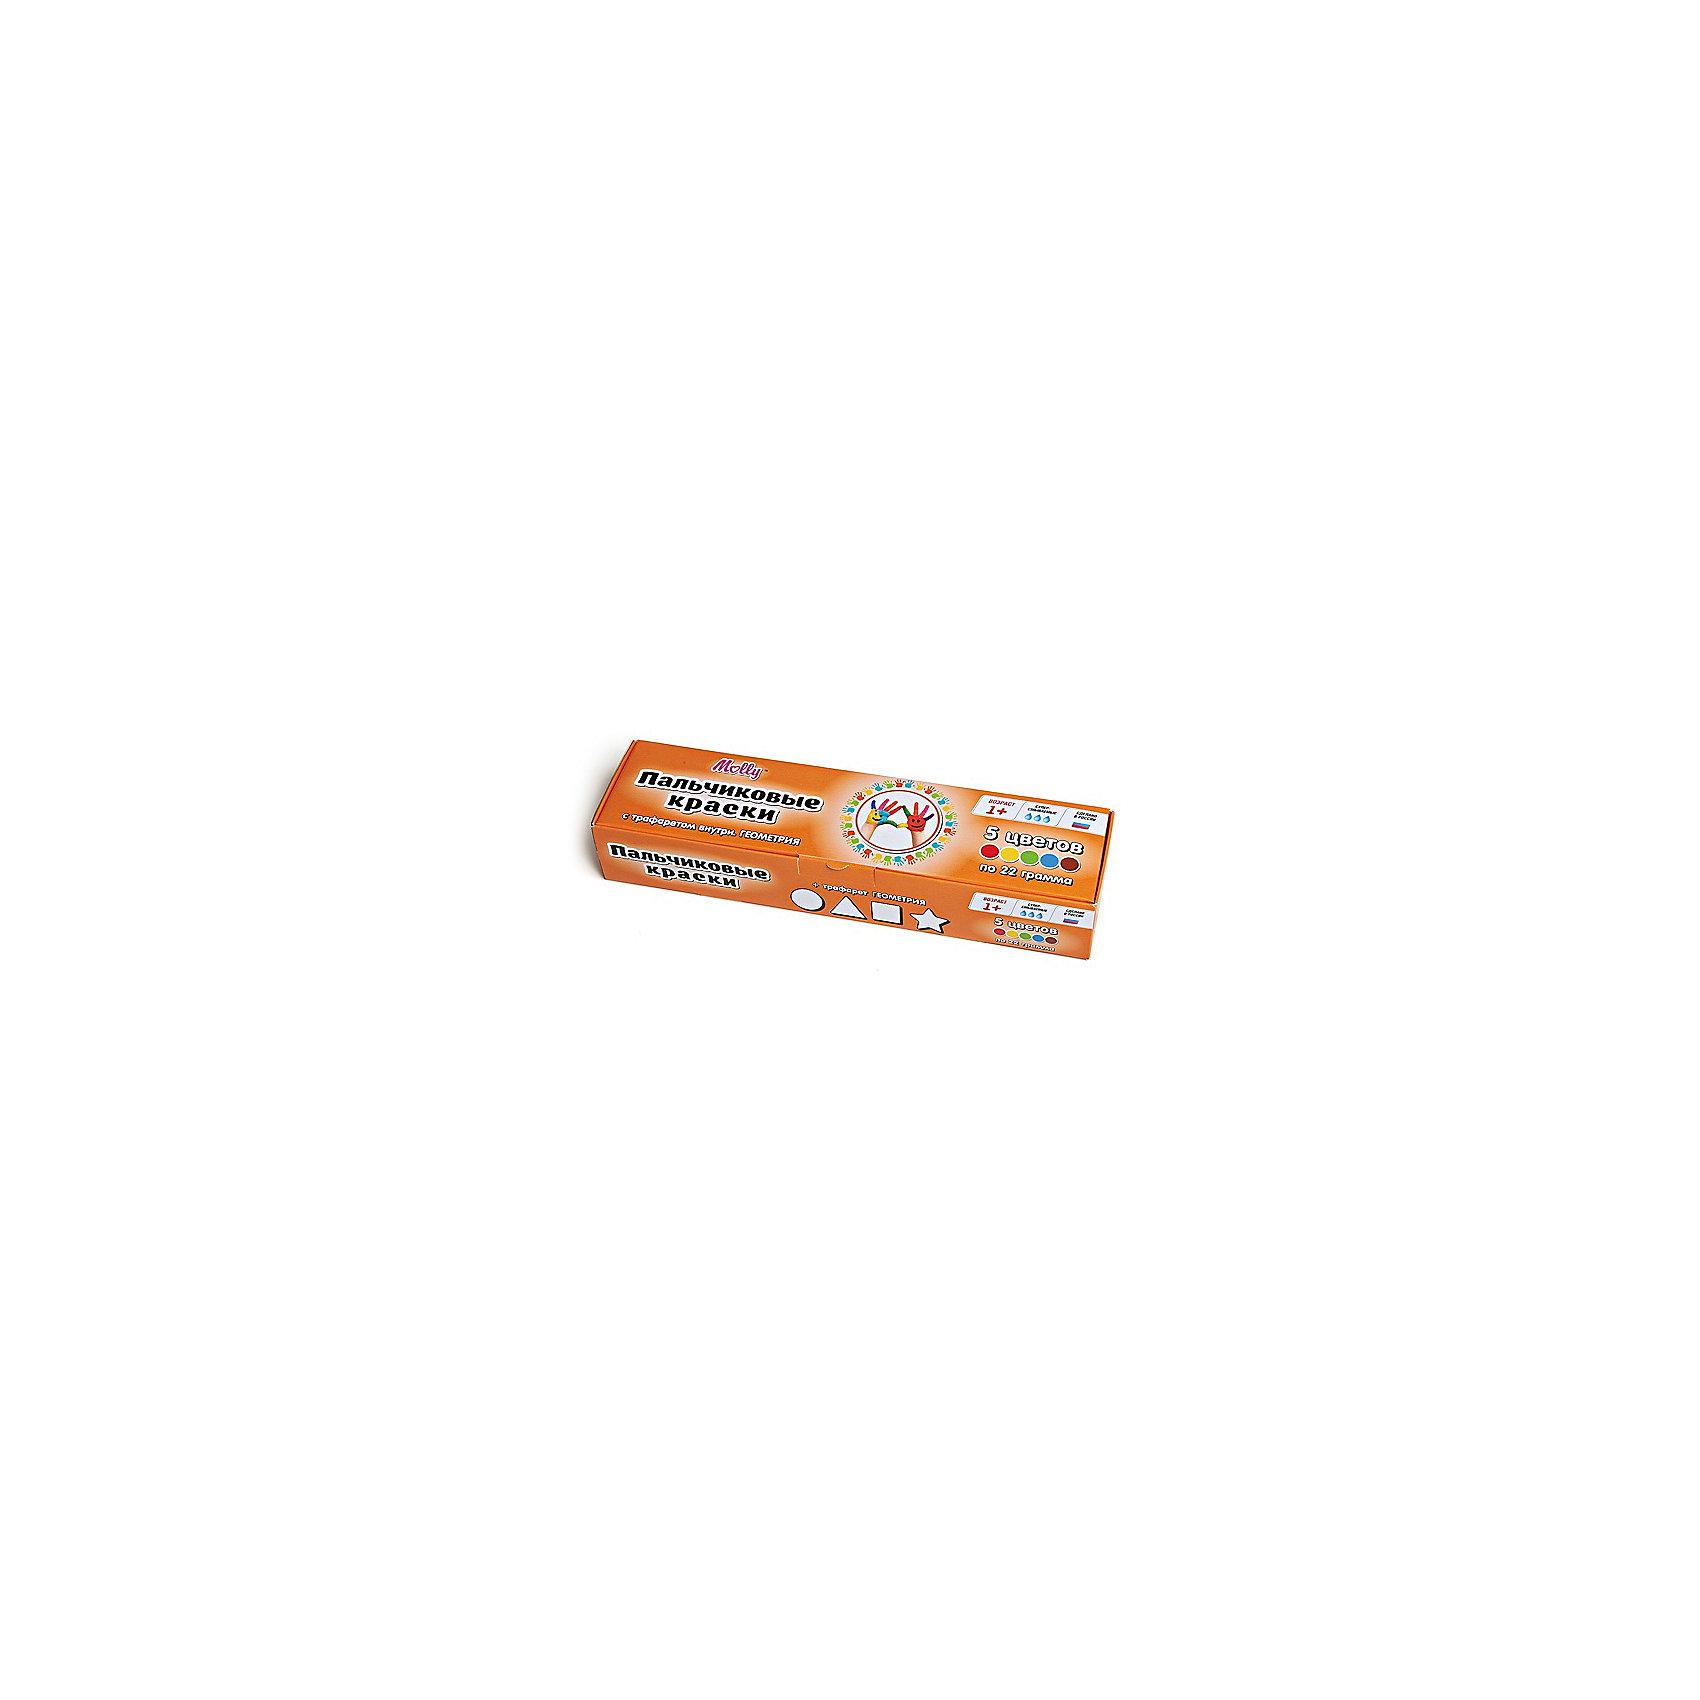 Пальчиковые краски Геометрия с трафаретом, 5 цветовПальчиковые краски Геометрия с трафаретом, 5 цветов.<br><br>Характеристика: <br><br>• Материал: пищевой краситель, целлюлозный загуститель, глицерин, мел, консервант косметический, вода питьевая. <br>• Размер упаковки: 24,5х6,5х4,5 см.<br>• Объем баночки: 22 мл.<br>• Количество цветов: 5 (коричневый, зеленый, синий, красный, желтый).<br>• Комплектация: 5 баночек с краской, тематический трафарет.<br>• Яркие, насыщенные цвета. <br>• Краска легко смывается с одежды и рук. <br>• Безопасна при проглатывании. <br>• Отлично развивает моторику рук, внимание, мышление и воображение. <br>• Оригинальный фигурные штампики. <br><br>Пальчиковые краски - идеальный вариант для самых юных и активных художников! Краски изготовлены их высококачественных нетоксичных материалов абсолютно безопасных для малышей. Яркие цвета и оригинальный тематический трафарет обязательно заинтересуют кроху и подарят множество приятных творческих моментов!<br><br>Рисование - прекрасный вид детского досуга практически в любом возрасте. В процессе художественной деятельности ребенок развивает моторику рук, цветовосприятие, фантазию и усидчивость, получая при этом море положительных эмоций. <br><br>Пальчиковые краски Геометрия с трафаретом, 5 цветов, можно купить в нашем интернет-магазине.<br><br>Ширина мм: 24<br>Глубина мм: 6<br>Высота мм: 4<br>Вес г: 110<br>Возраст от месяцев: 12<br>Возраст до месяцев: 36<br>Пол: Унисекс<br>Возраст: Детский<br>SKU: 5417578